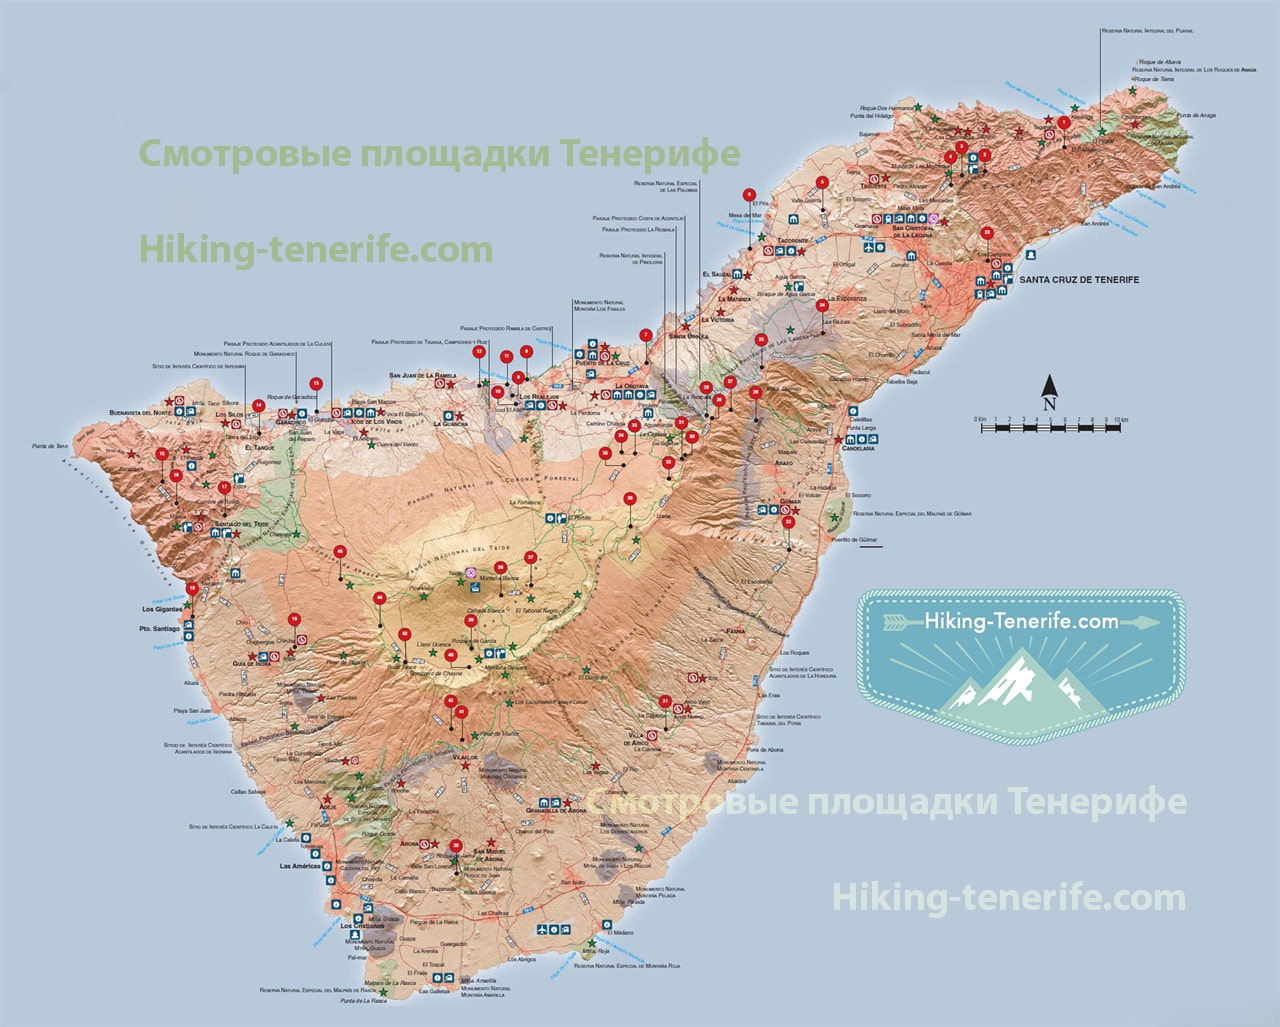 Смотровые площадки Тенерифе - мирадоры